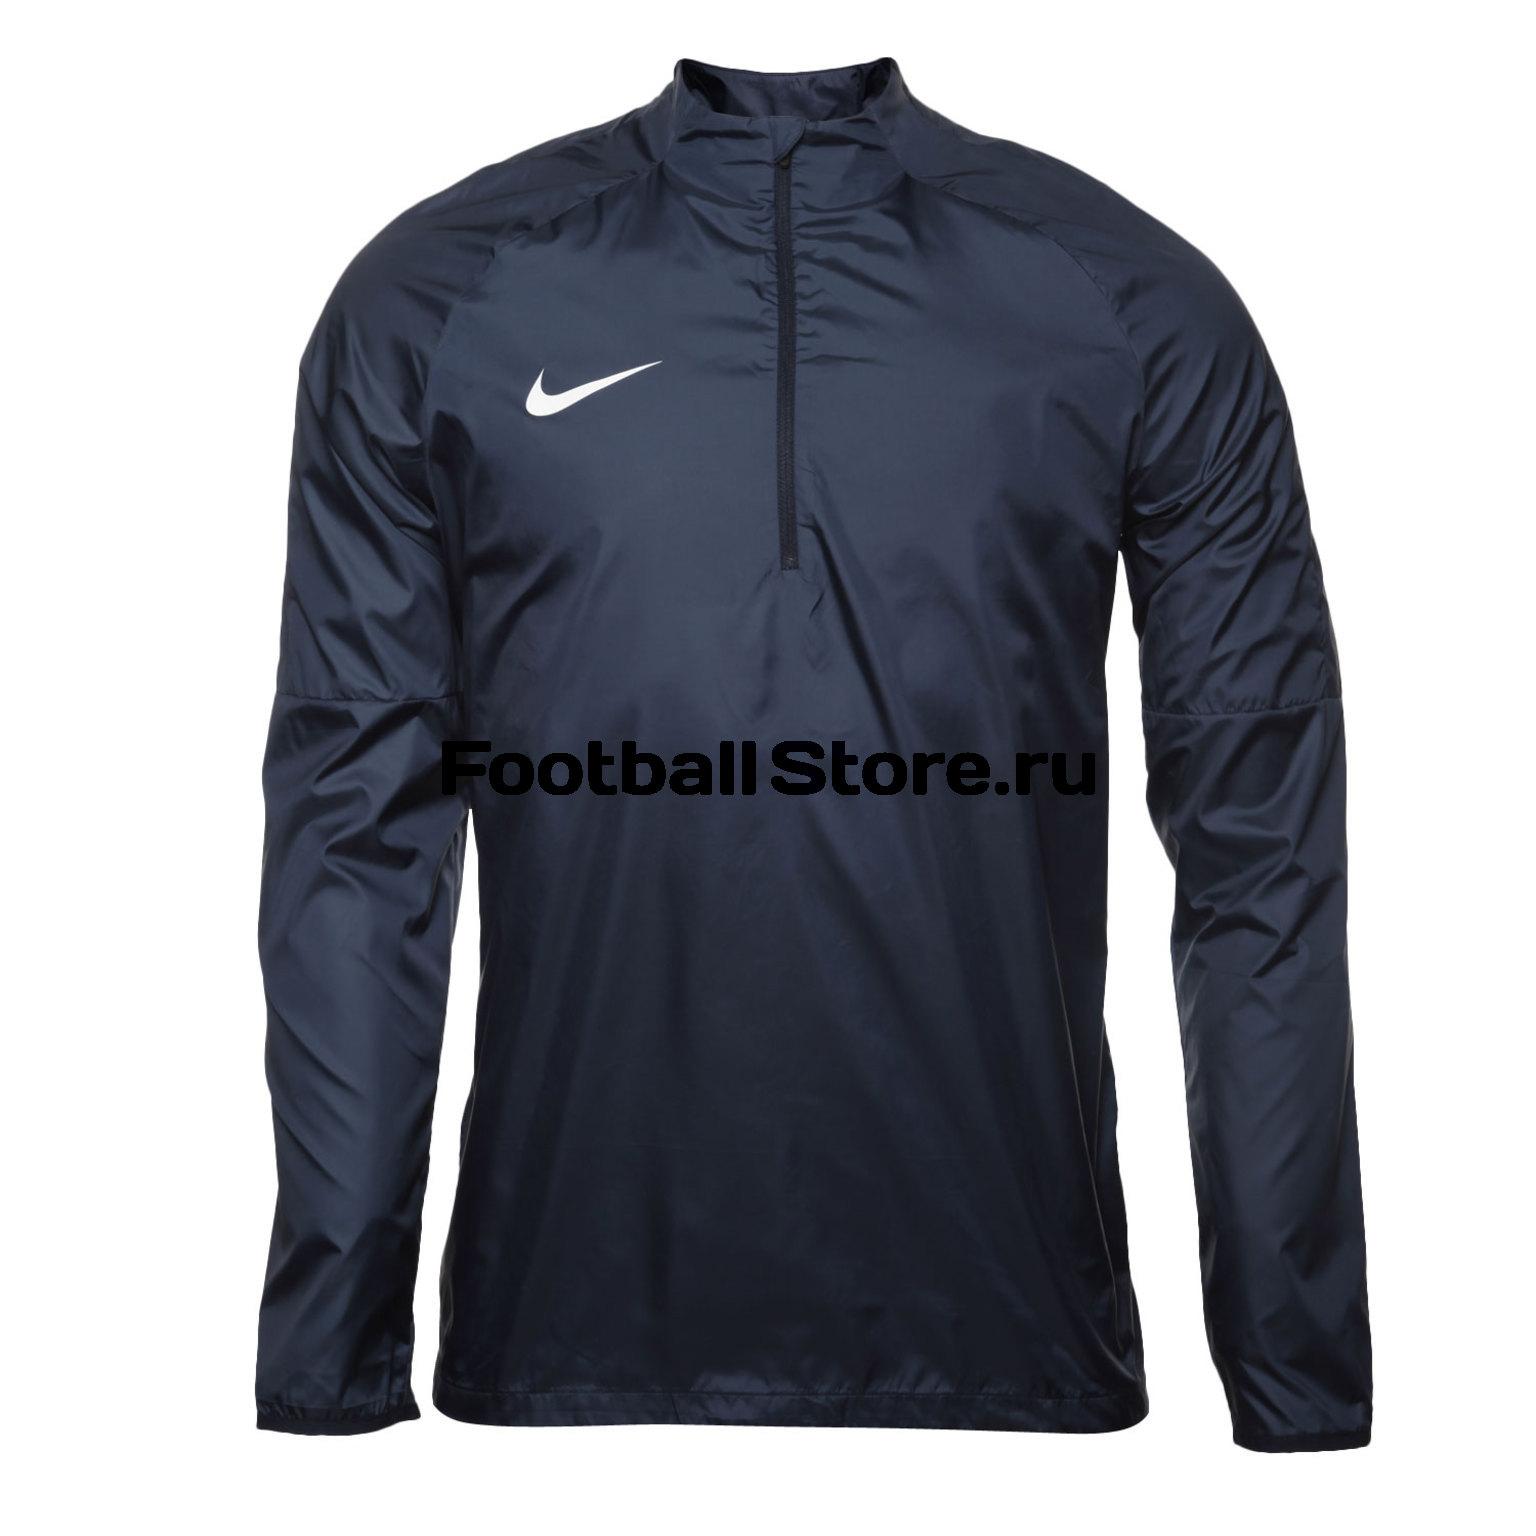 Фото - Ветровка Nike Academy18 Dril Top SH 893800-451 свитер тренировочный nike dry academy18 dril top ls 893624 451